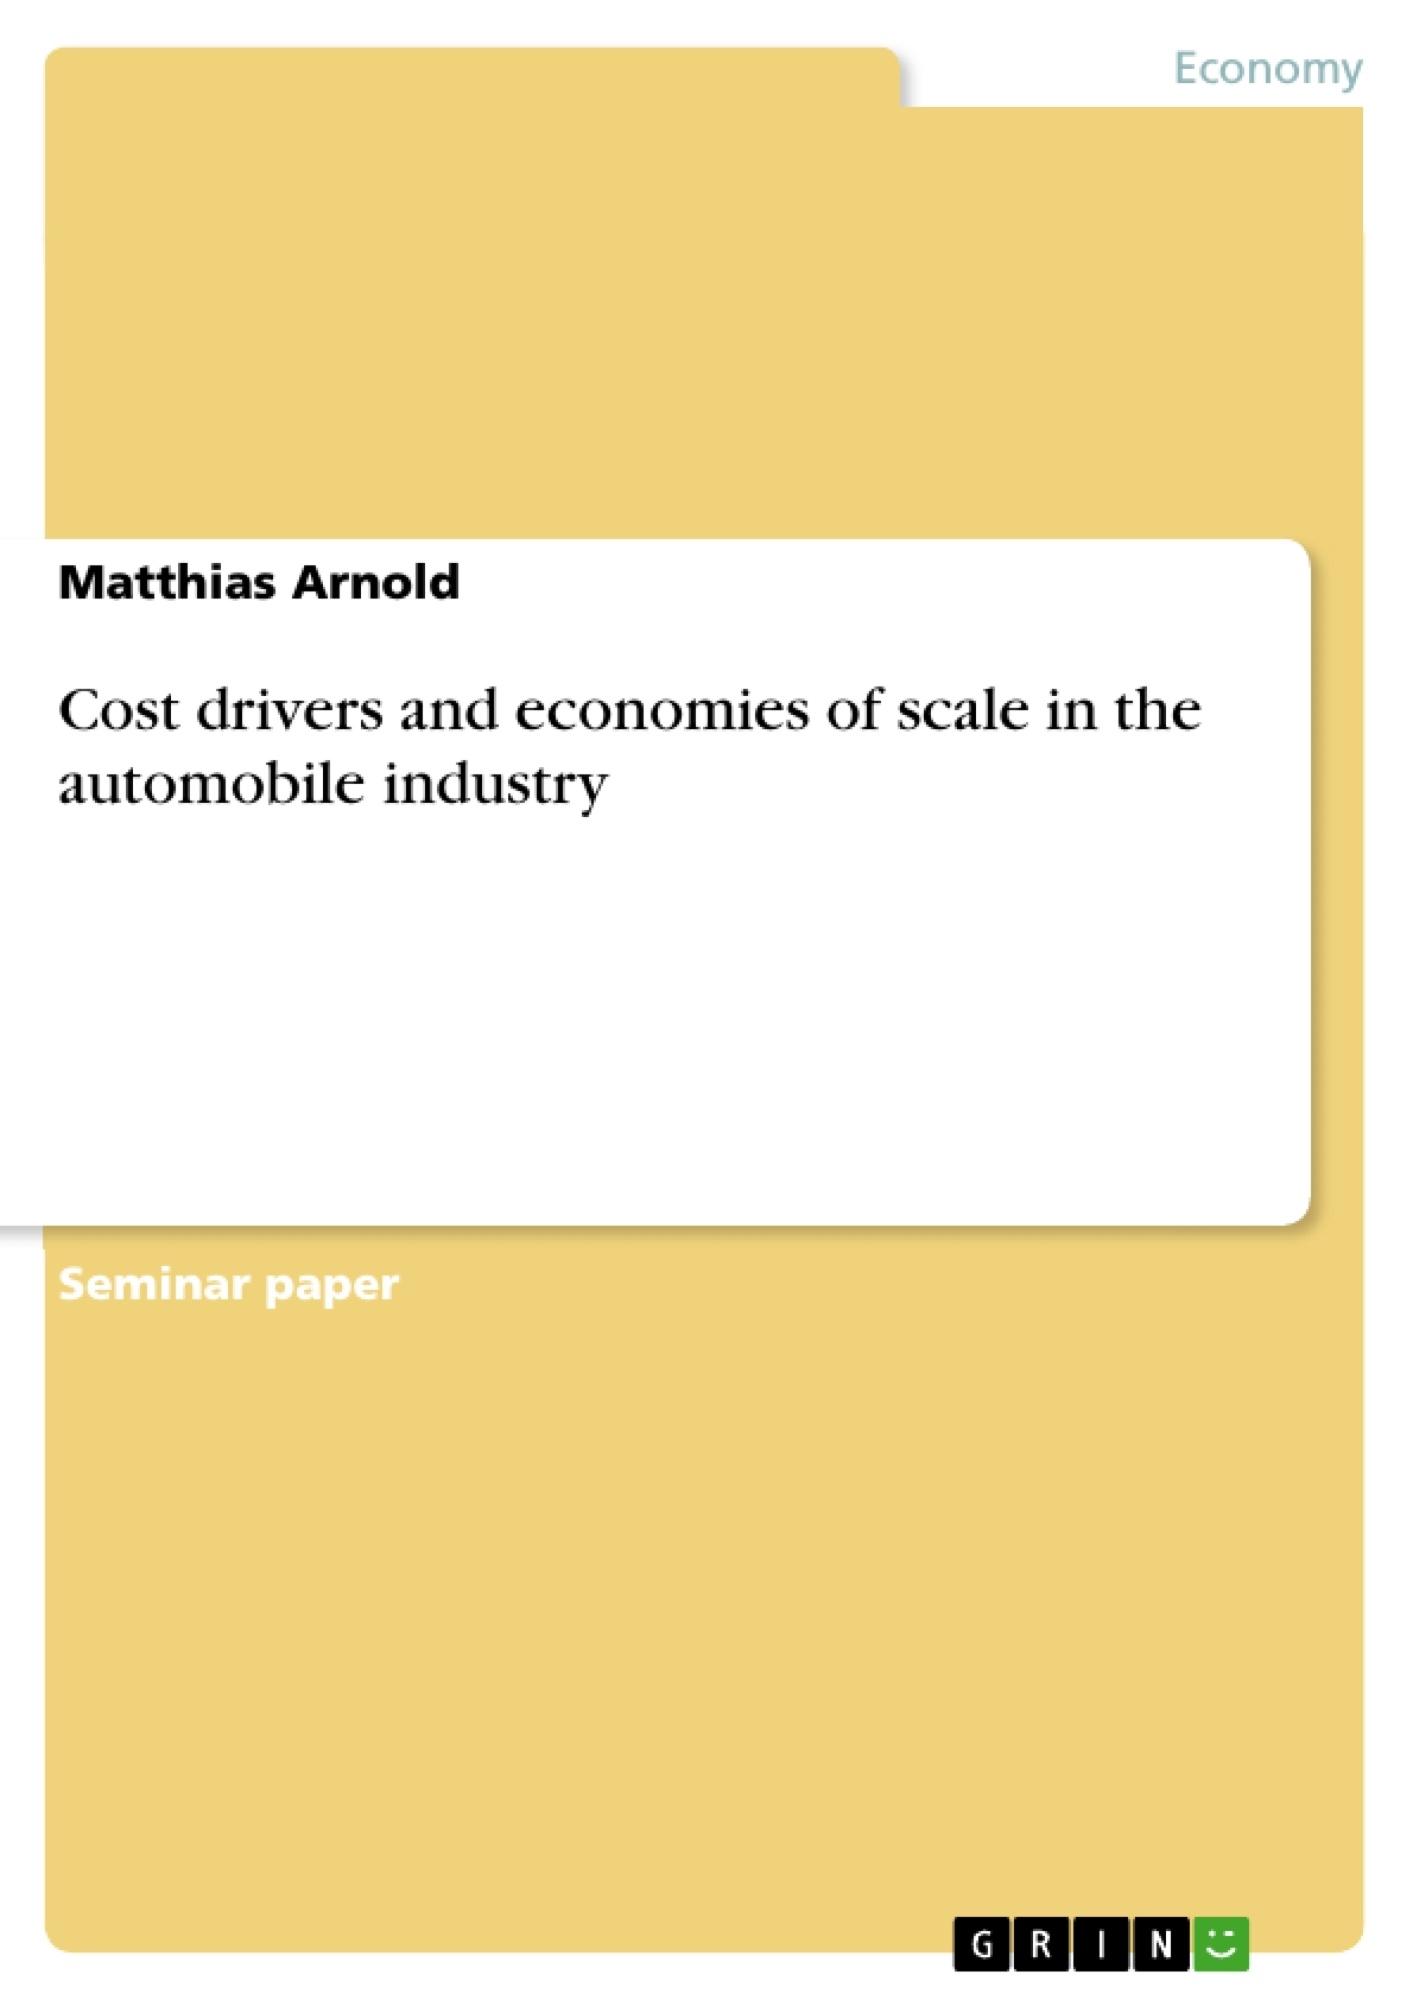 essay economy auto  essay economy auto